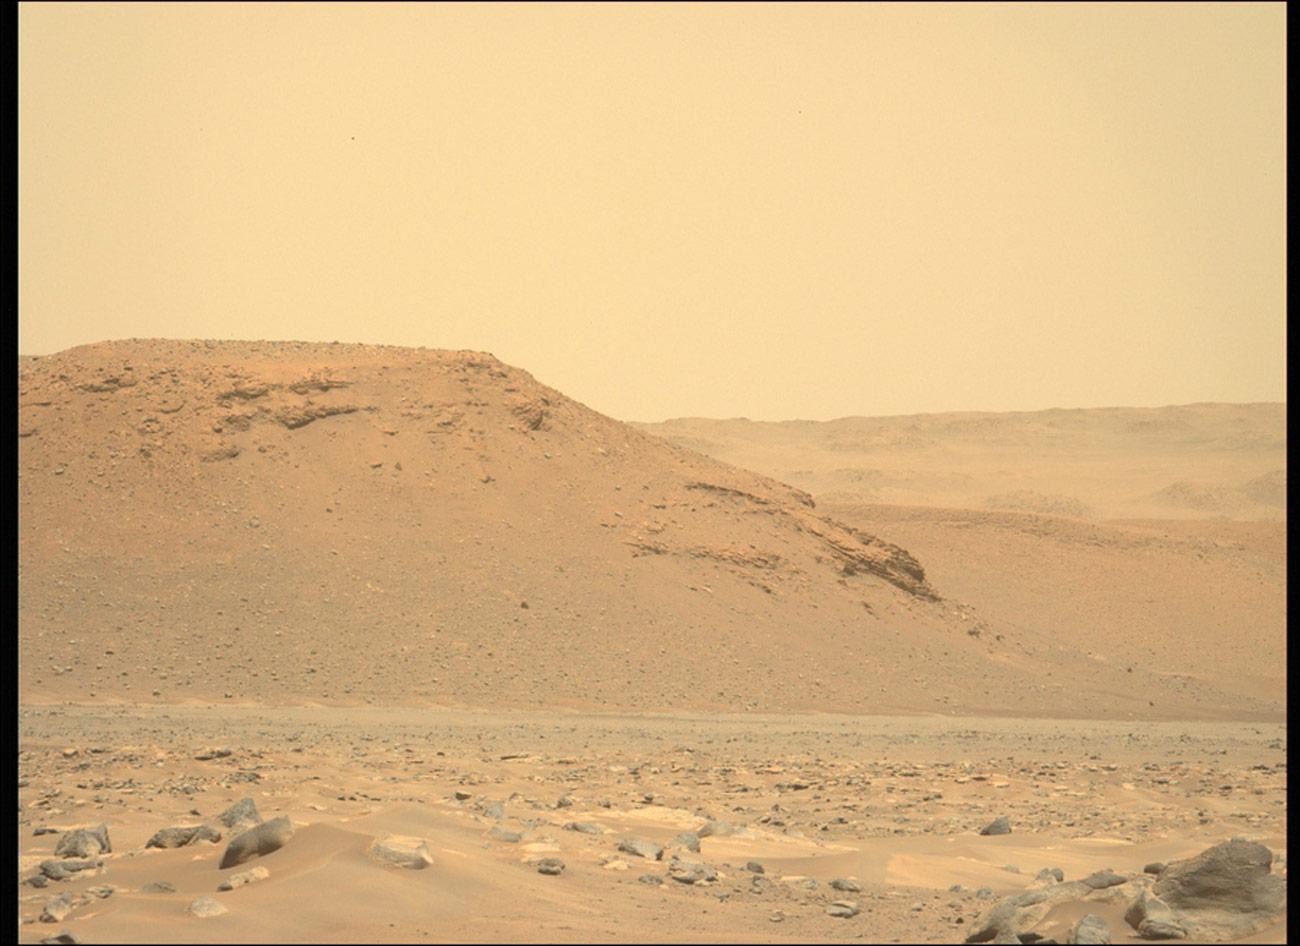 Μεγάλη «καρδιά» ο Άρης! Μετρήθηκε για πρώτη φορά ο πυρήνας του